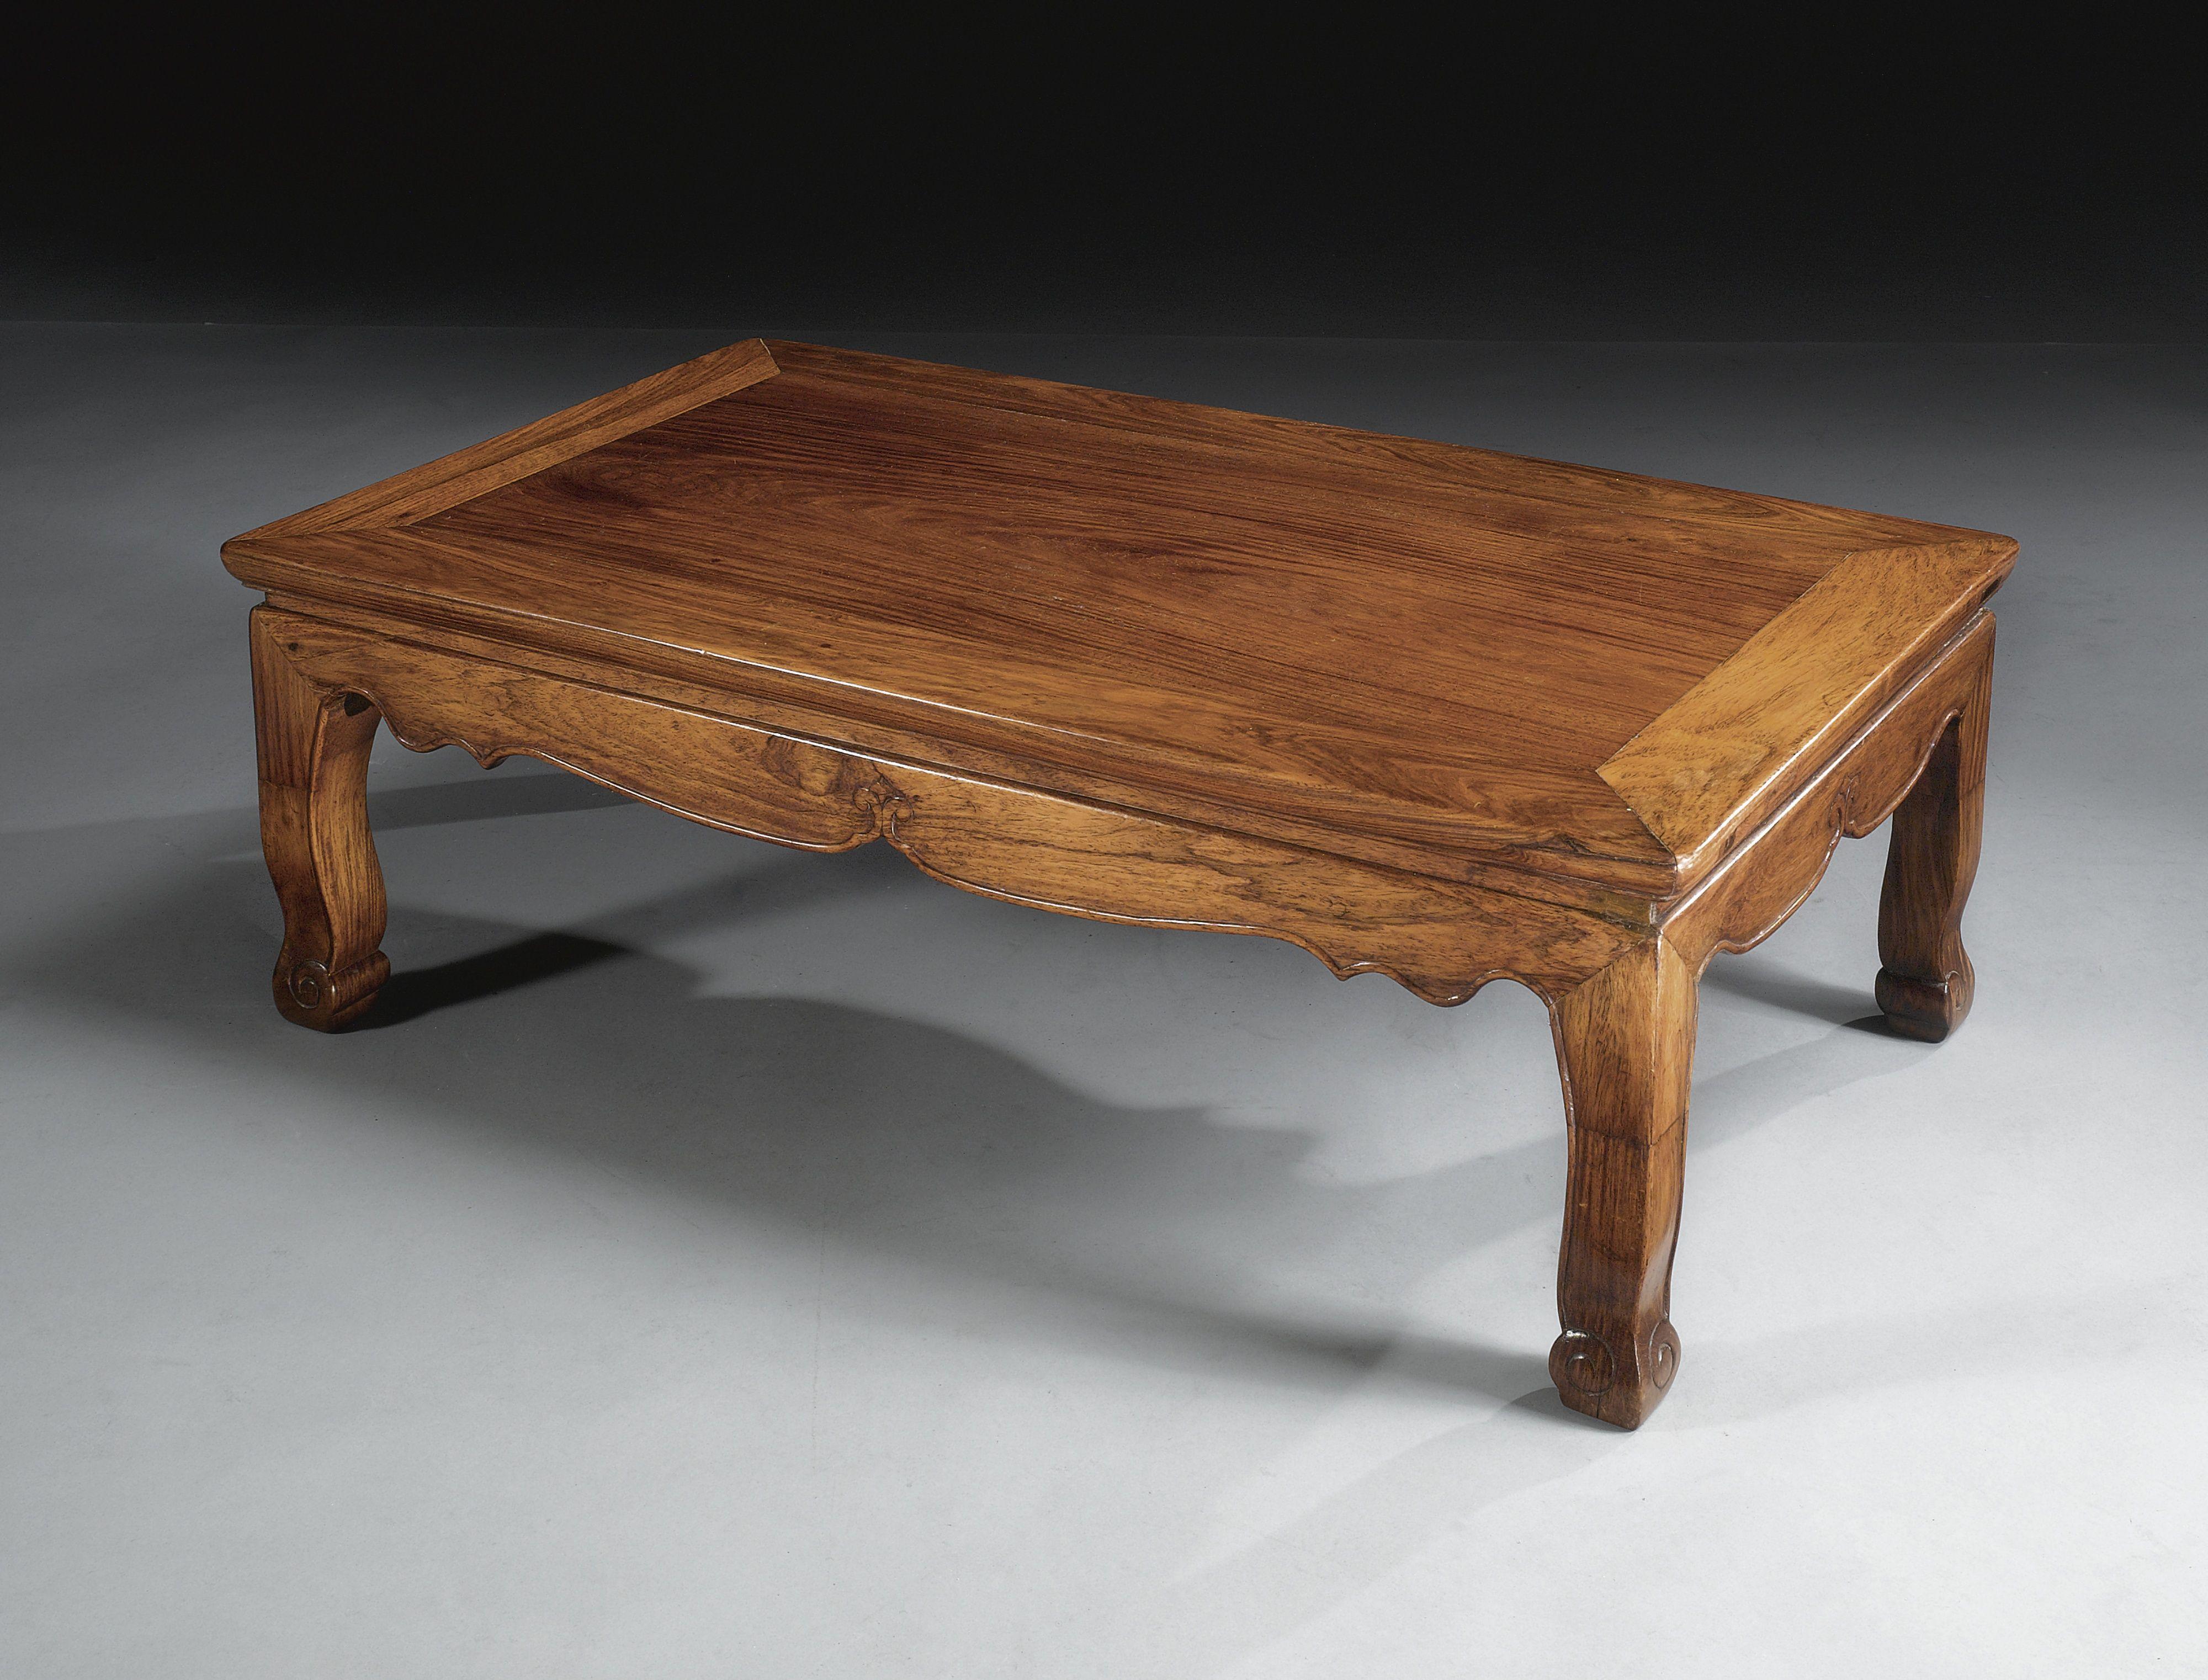 0d2aff8ed0ef884e90a7be7f08817c7d Impressionnant De Construire Table Basse Schème